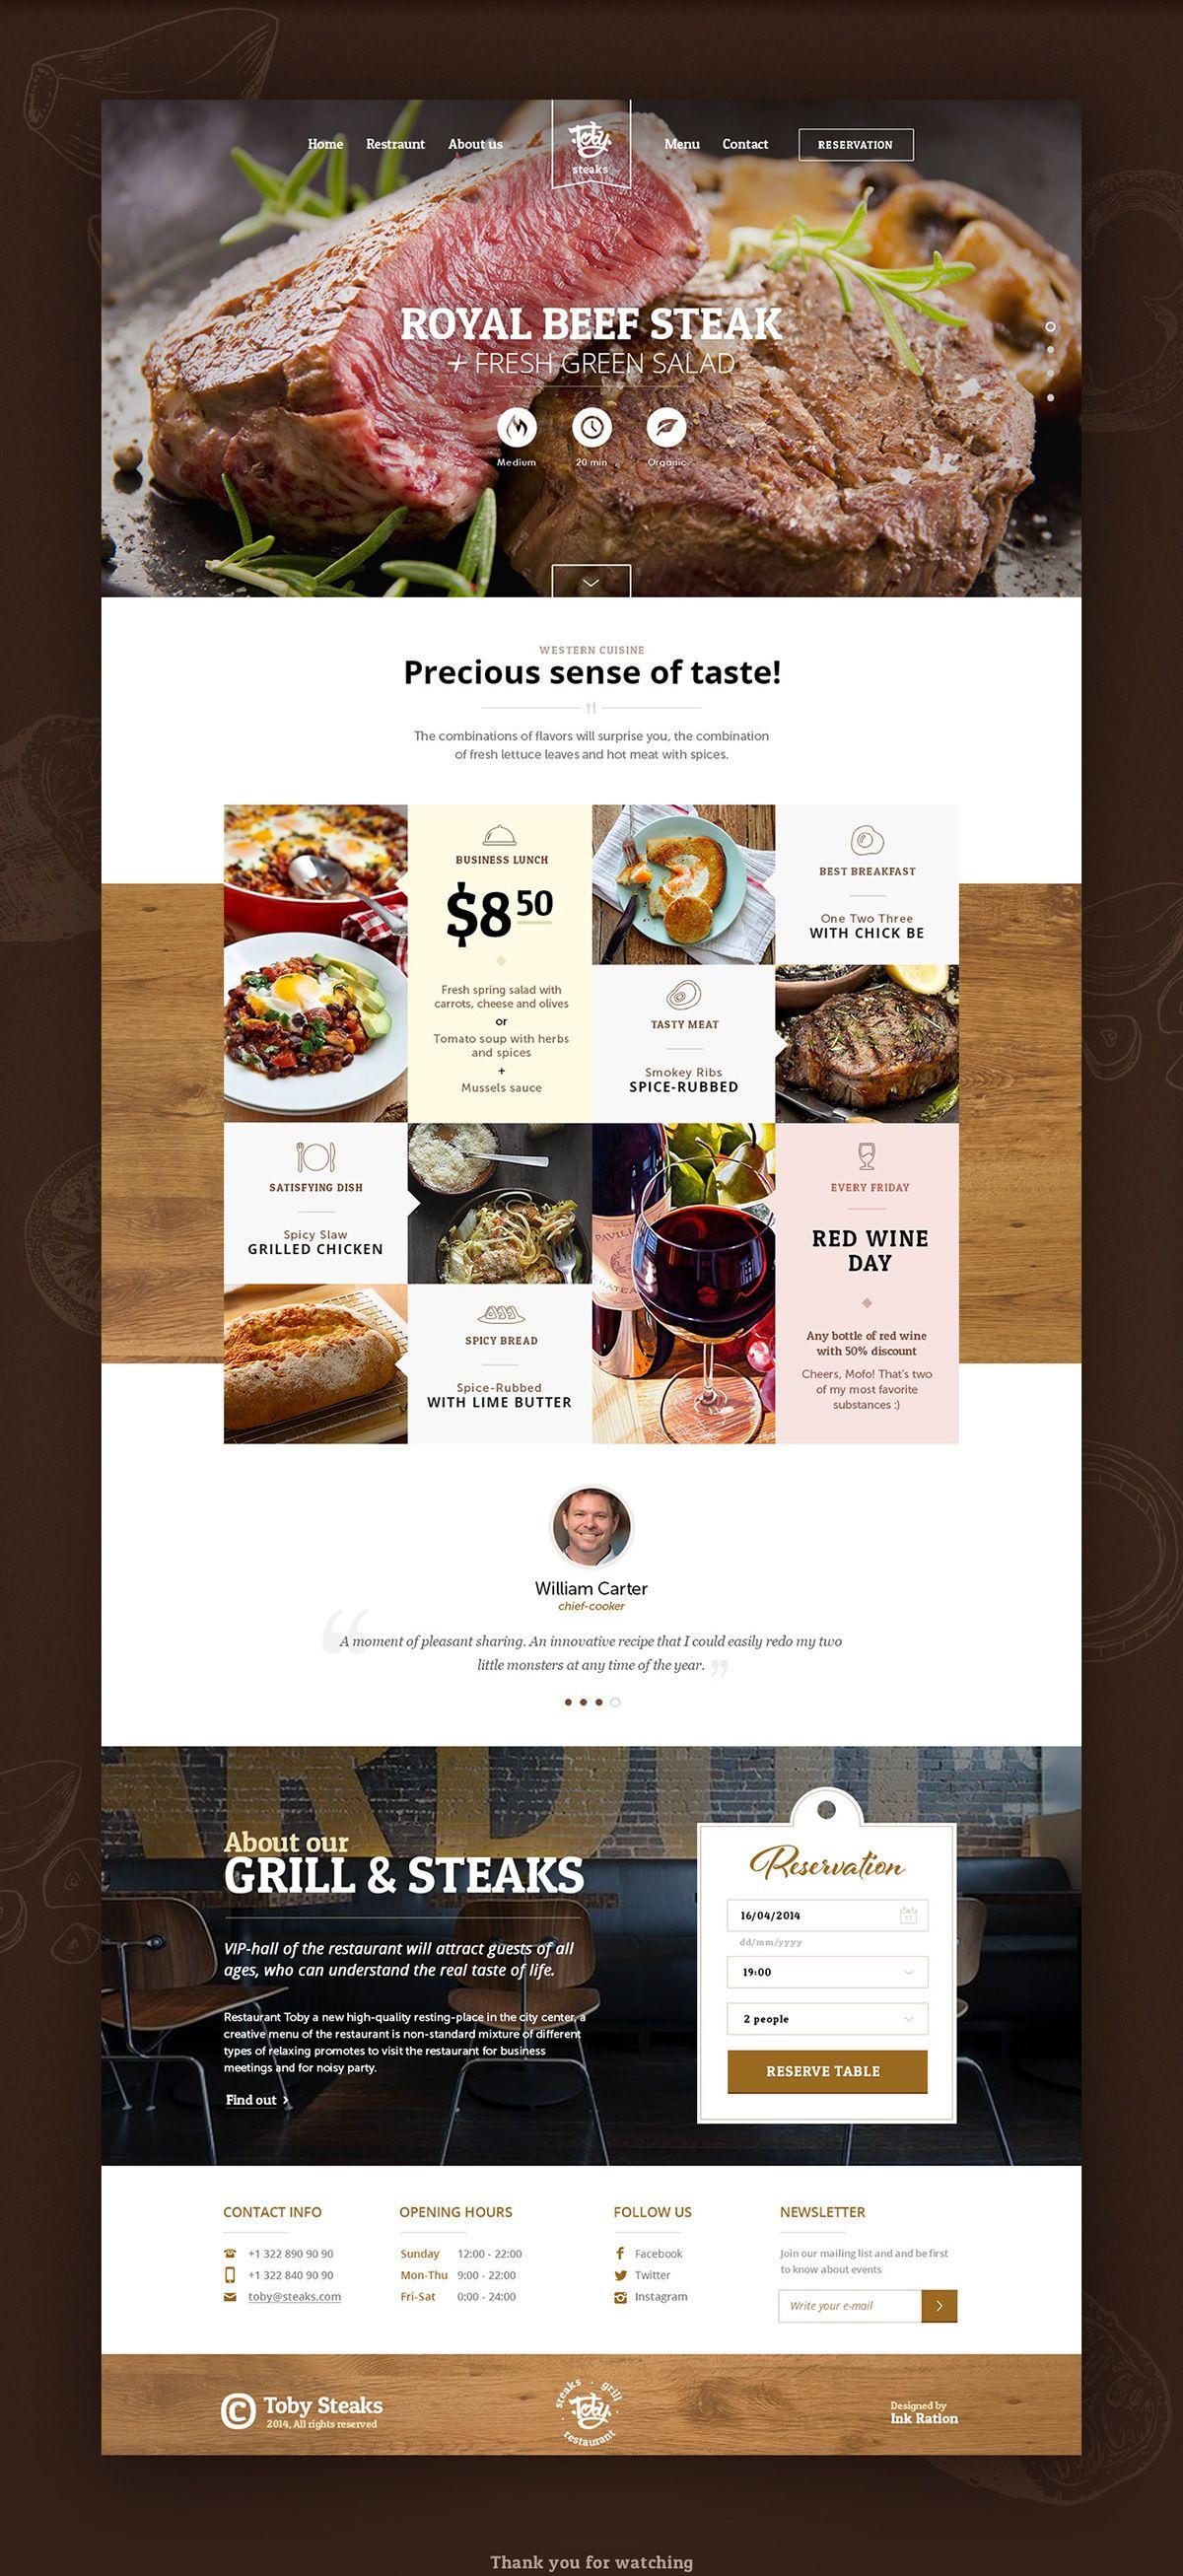 Mario Foods On Web Design Served Food Web Design Web Design Inspiration Web Development Design